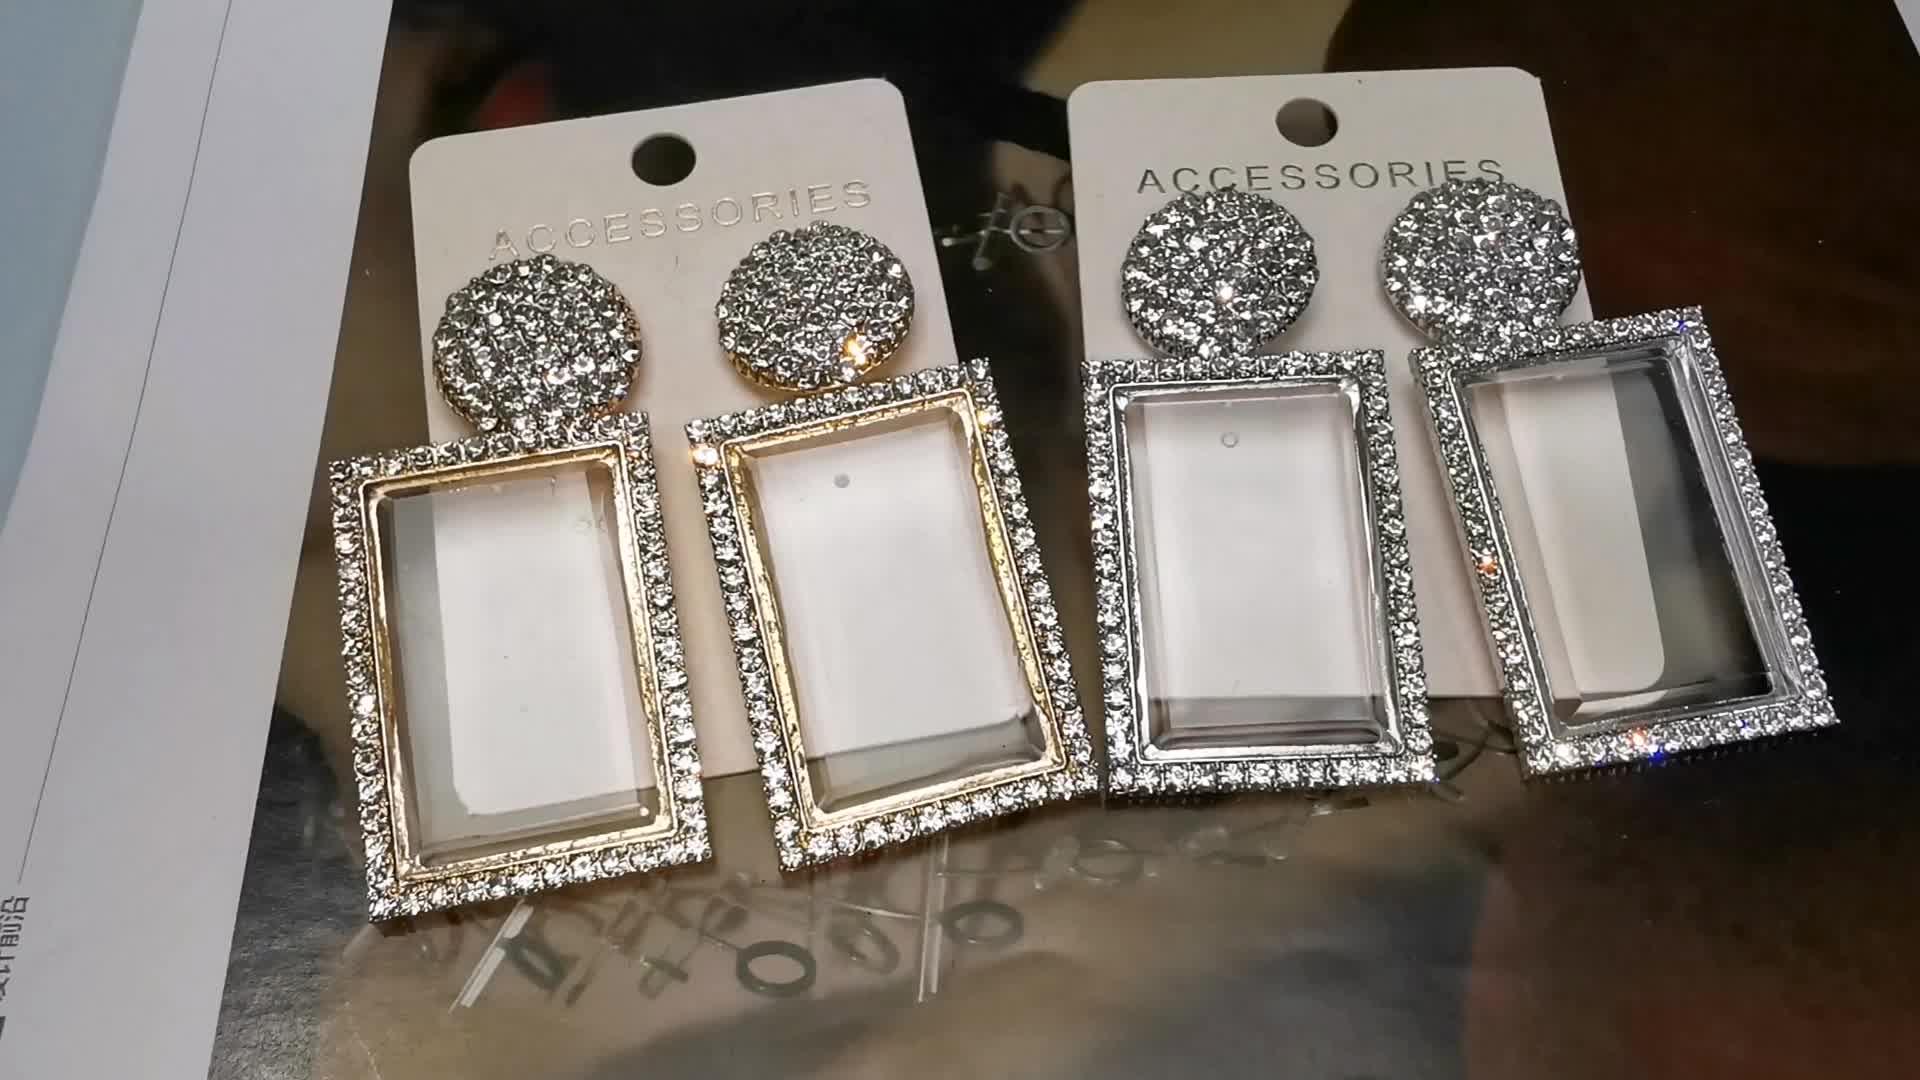 HANSIDON אופנה זכוכית להתנדנד עגילים לנשים מבריק ריינסטון כיכר תליון טיפת אוזן תכשיטי ילדה מתנות